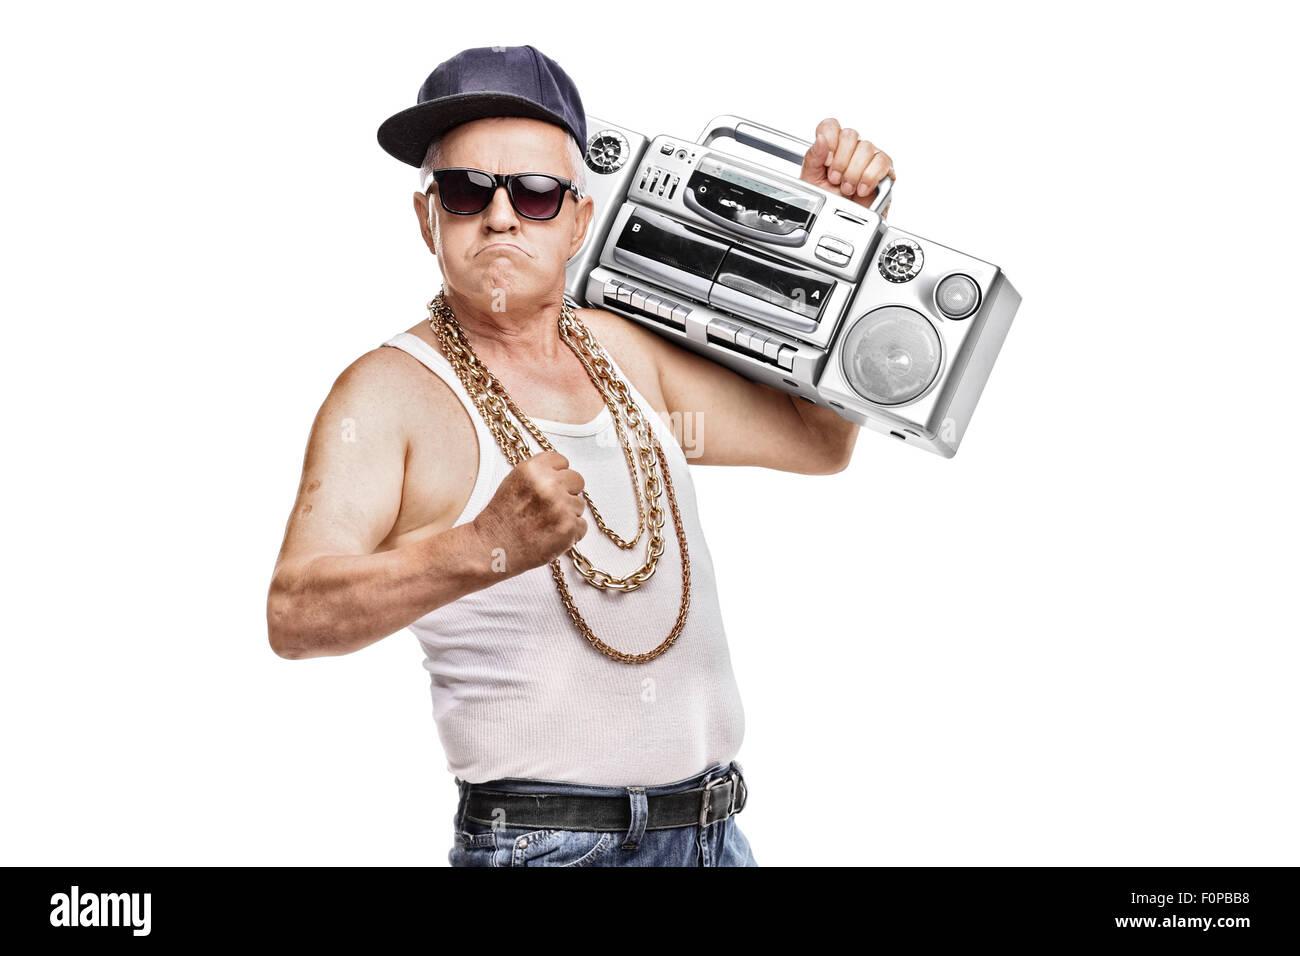 Uomo maturo in hip-hop outfit tenendo un ghetto blaster e guardando la telecamera  isolata su sfondo bianco a7b7b1629eed